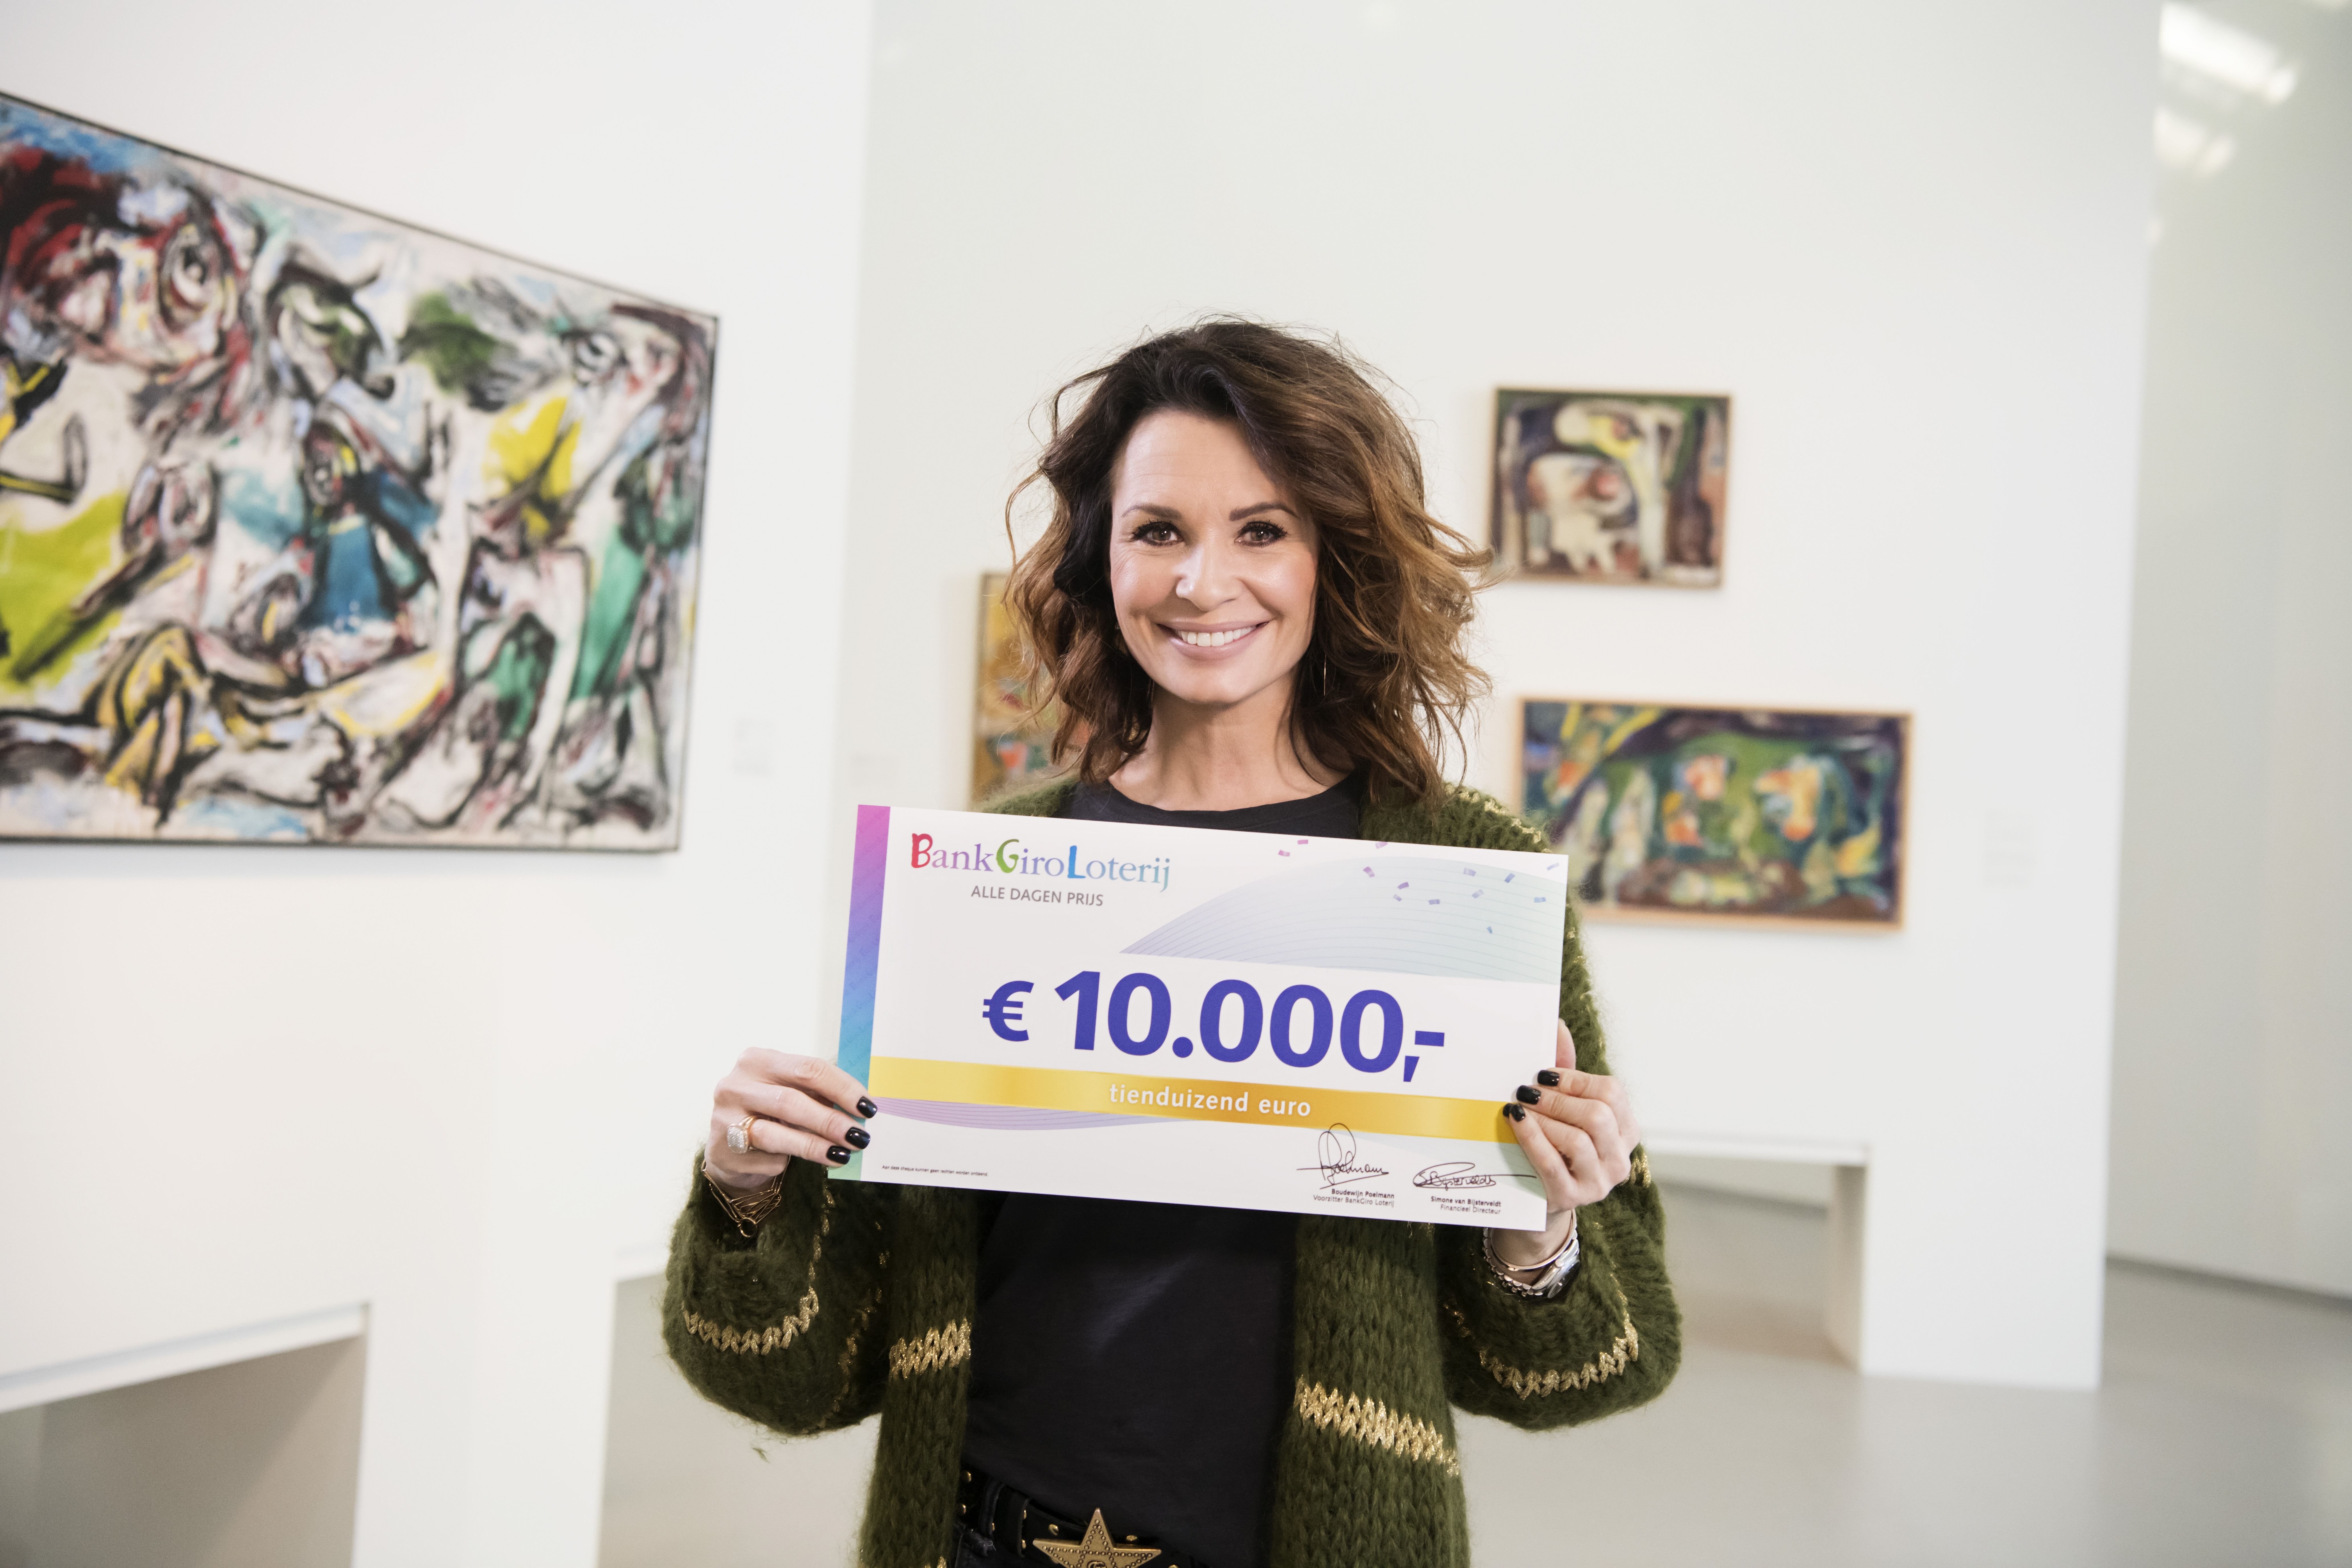 Joyce uit Bathmen verrast met 10.000 euro van BankGiro Loterij